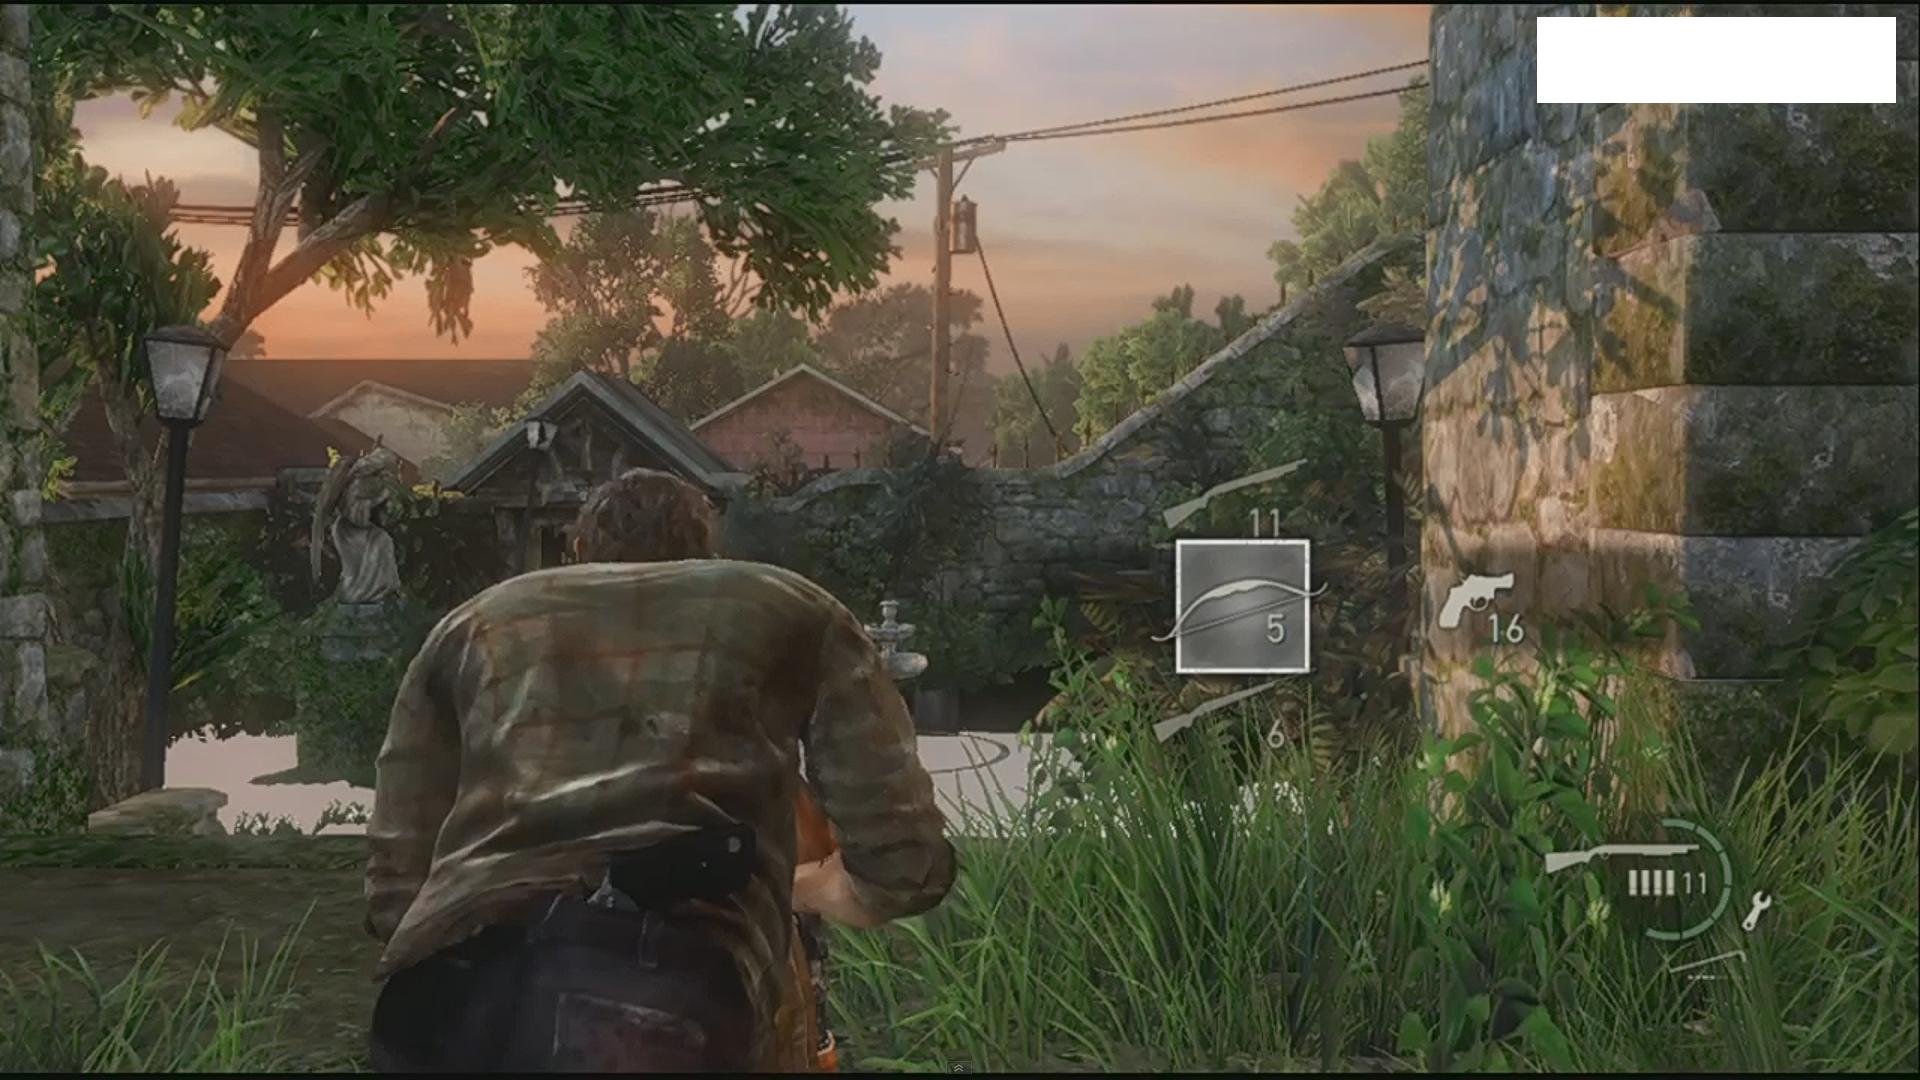 ХАхахаха ГОвноКонсолька не выдержала даже собственного эксклюзива.Когда Naughty Dog поймёт что игра заслуживает боль ... - Изображение 1